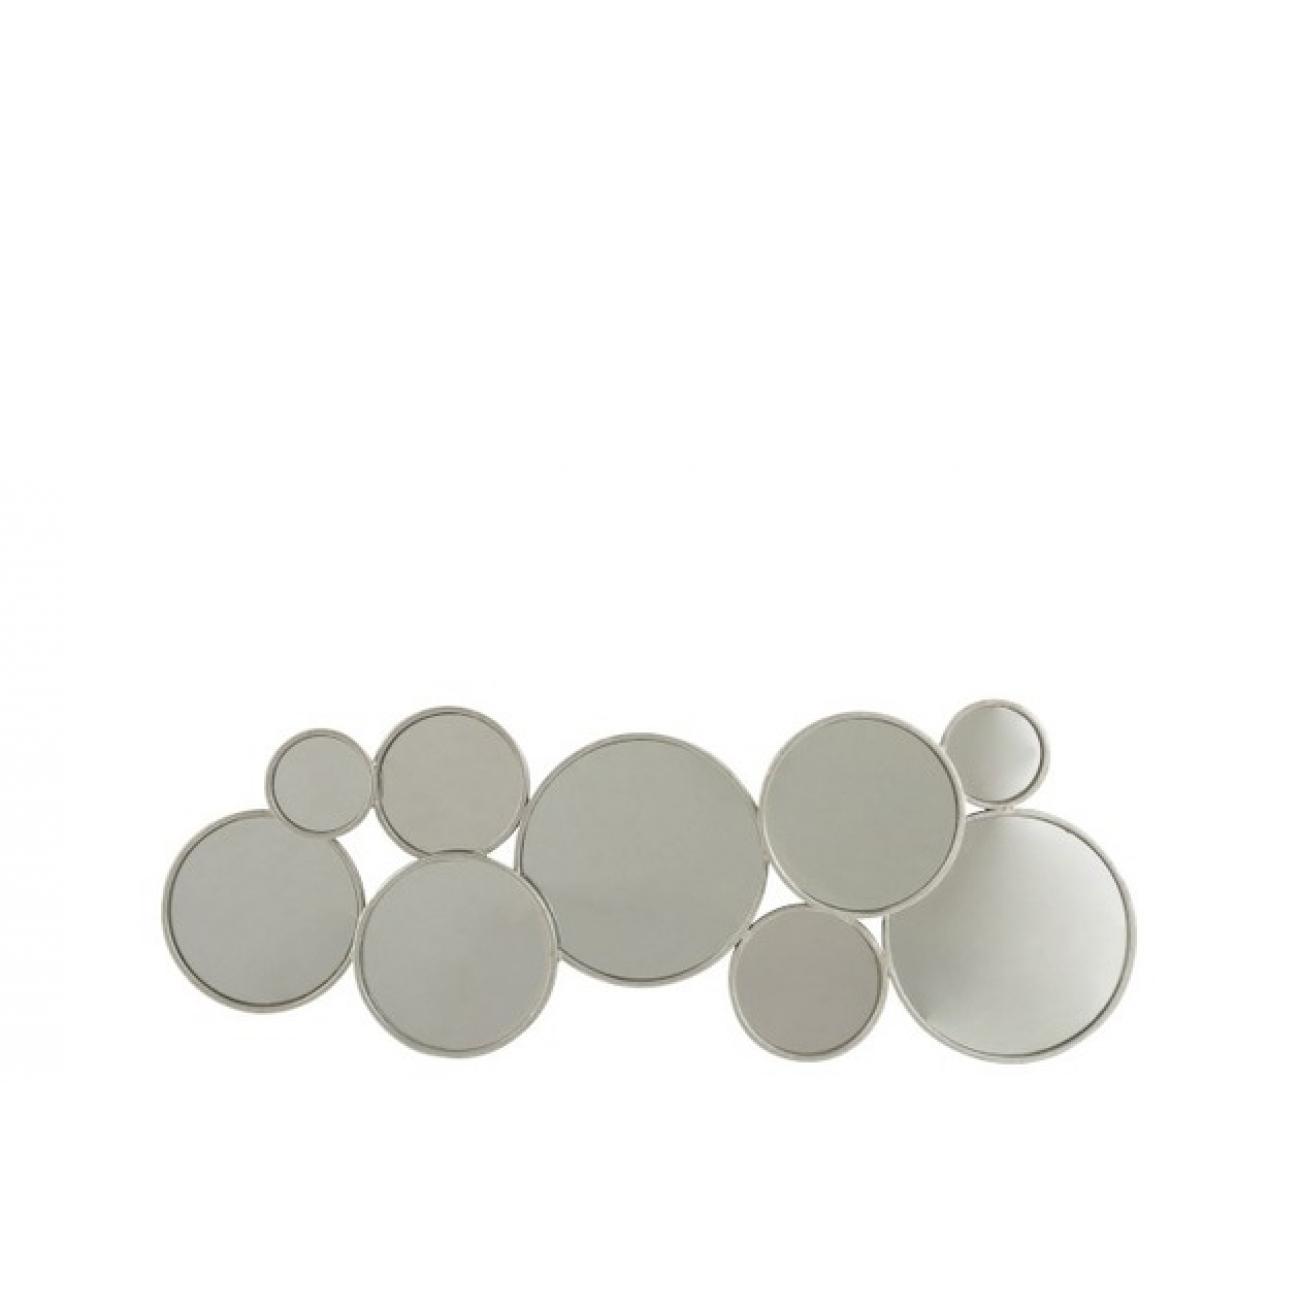 Зеркало J-LINE настенное фигурное в виде девяти кругов в серебристой металлической раме Бельгия